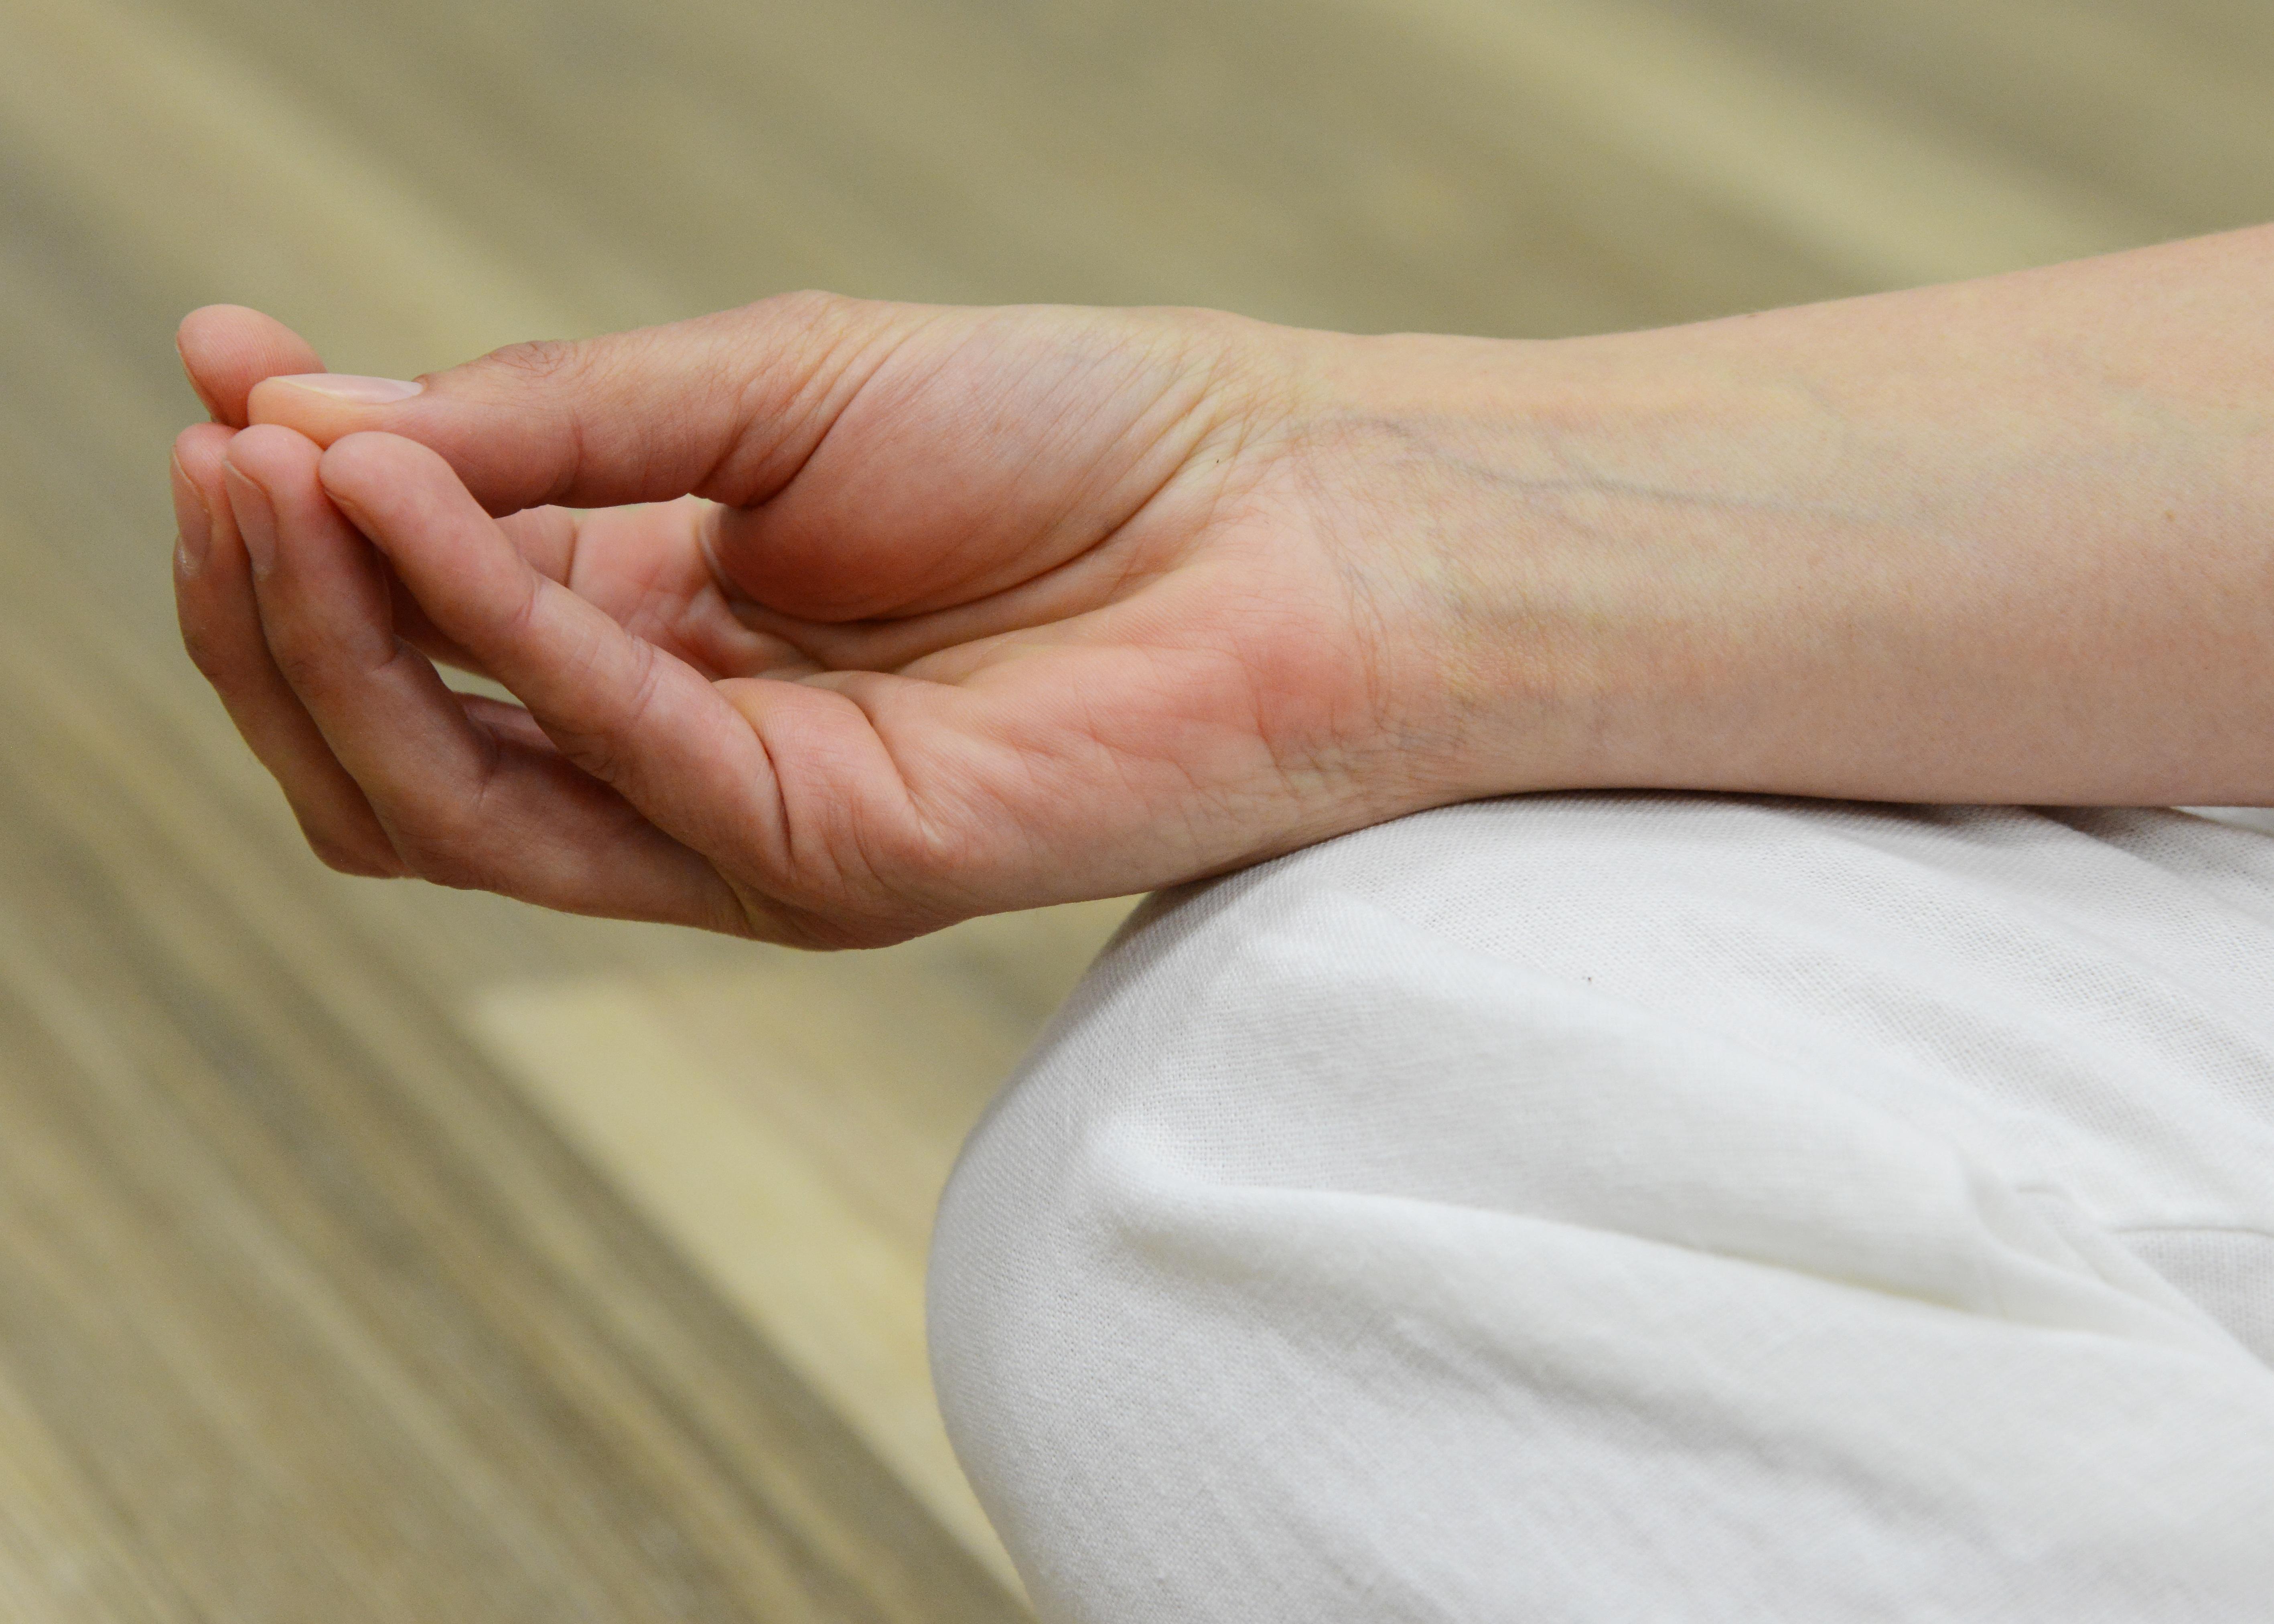 Fotos gratis : mano, pierna, dedo, meditar, brazo, energía, de cerca ...